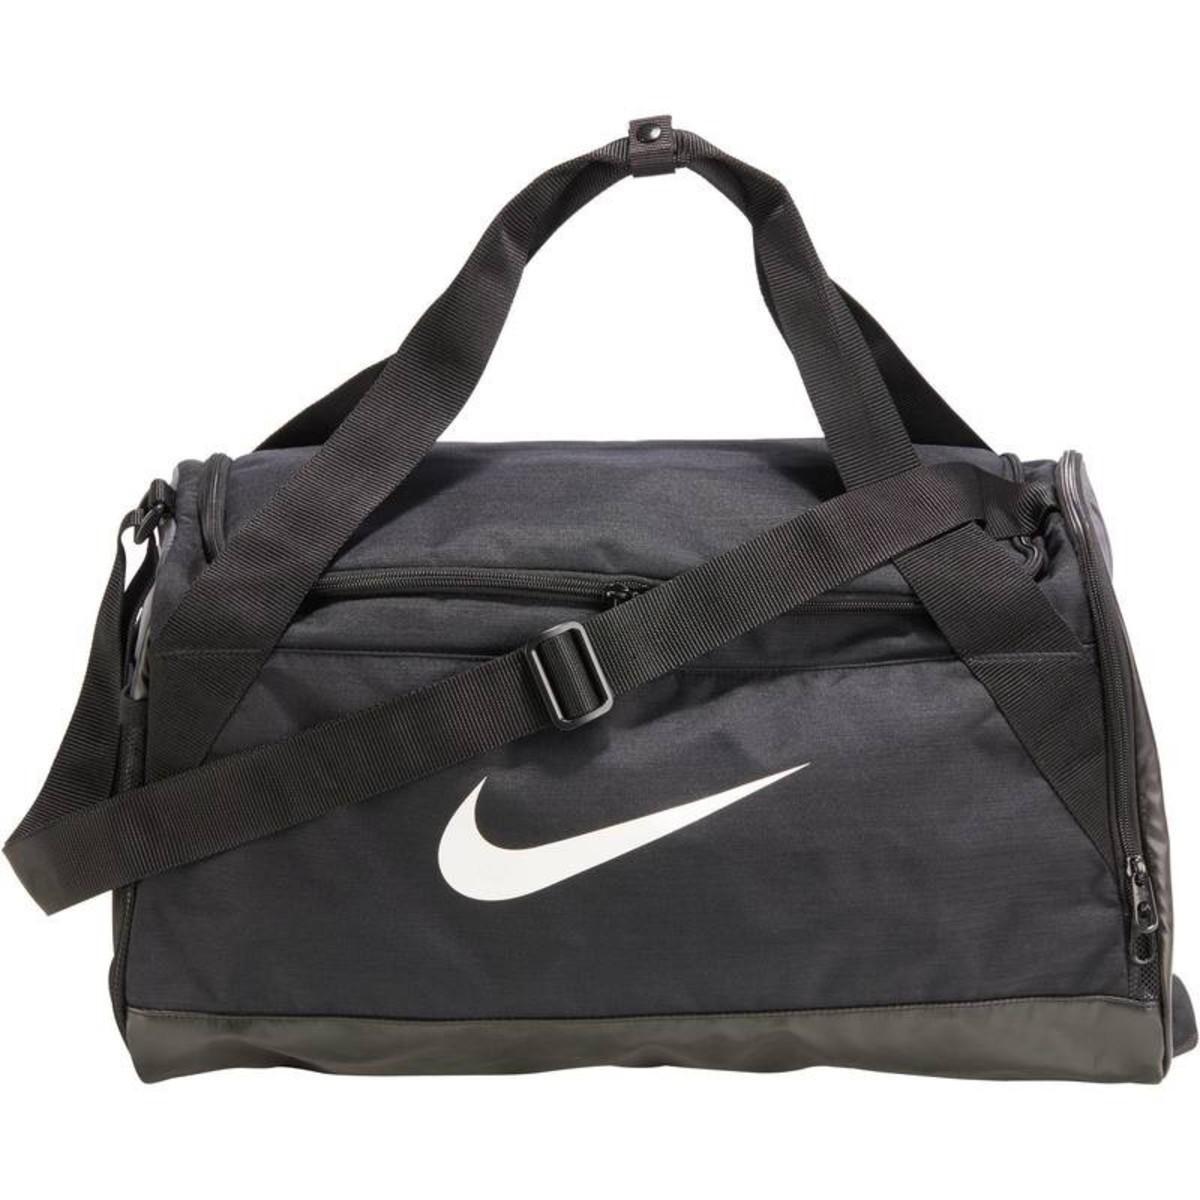 Bild 4 von NIKE Sporttasche Erwachsene Nike schwarz, Größe: Einheitsgröße